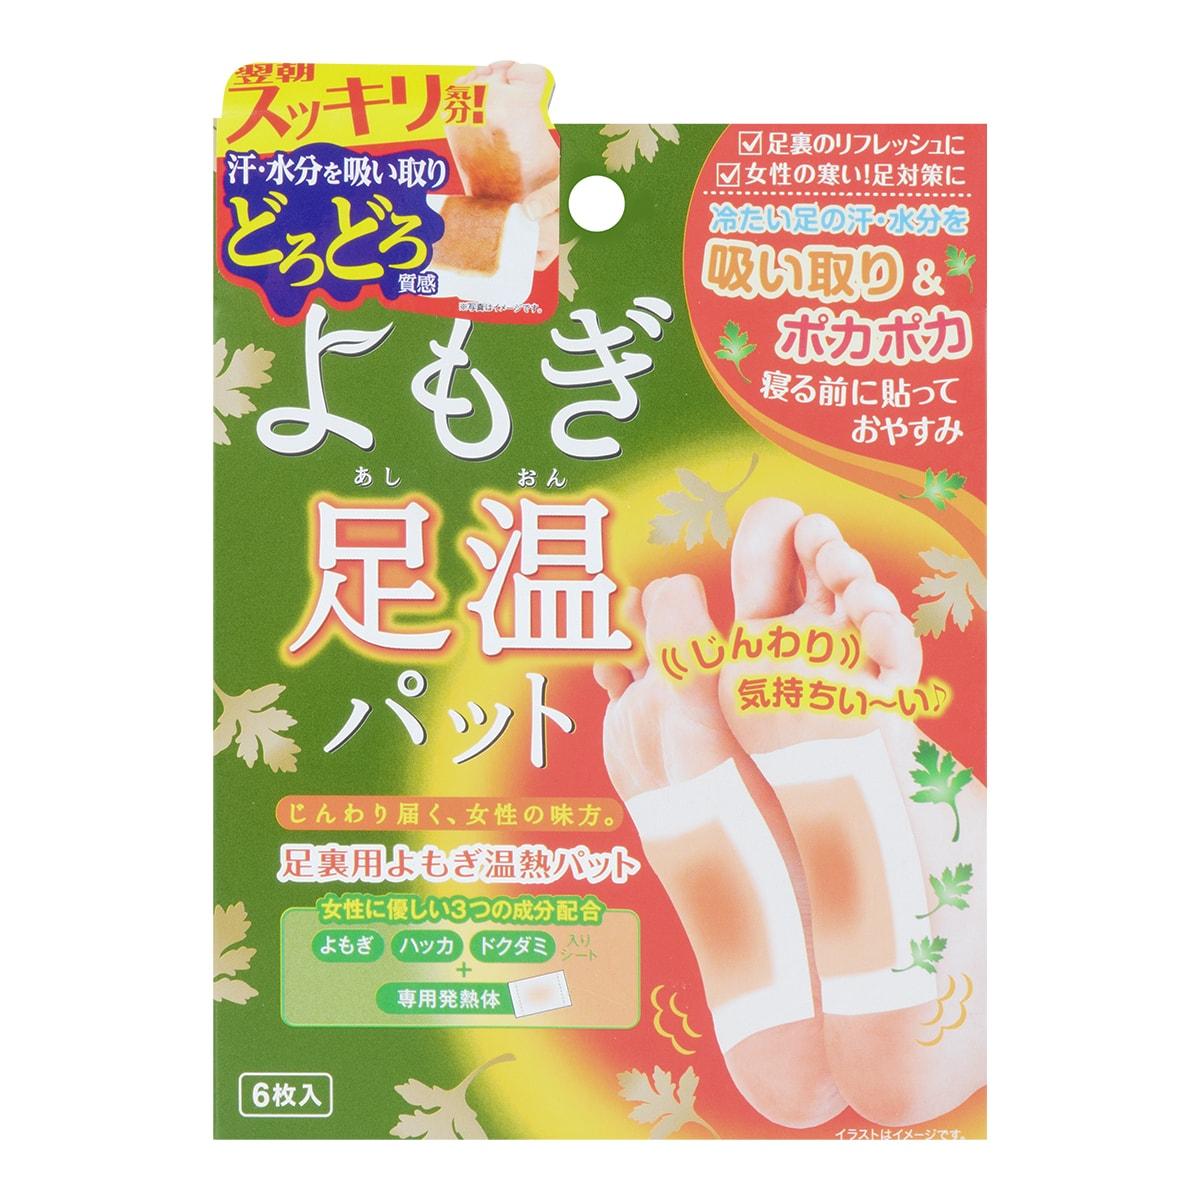 日本优月美人 艾草发热温热足贴 6枚入